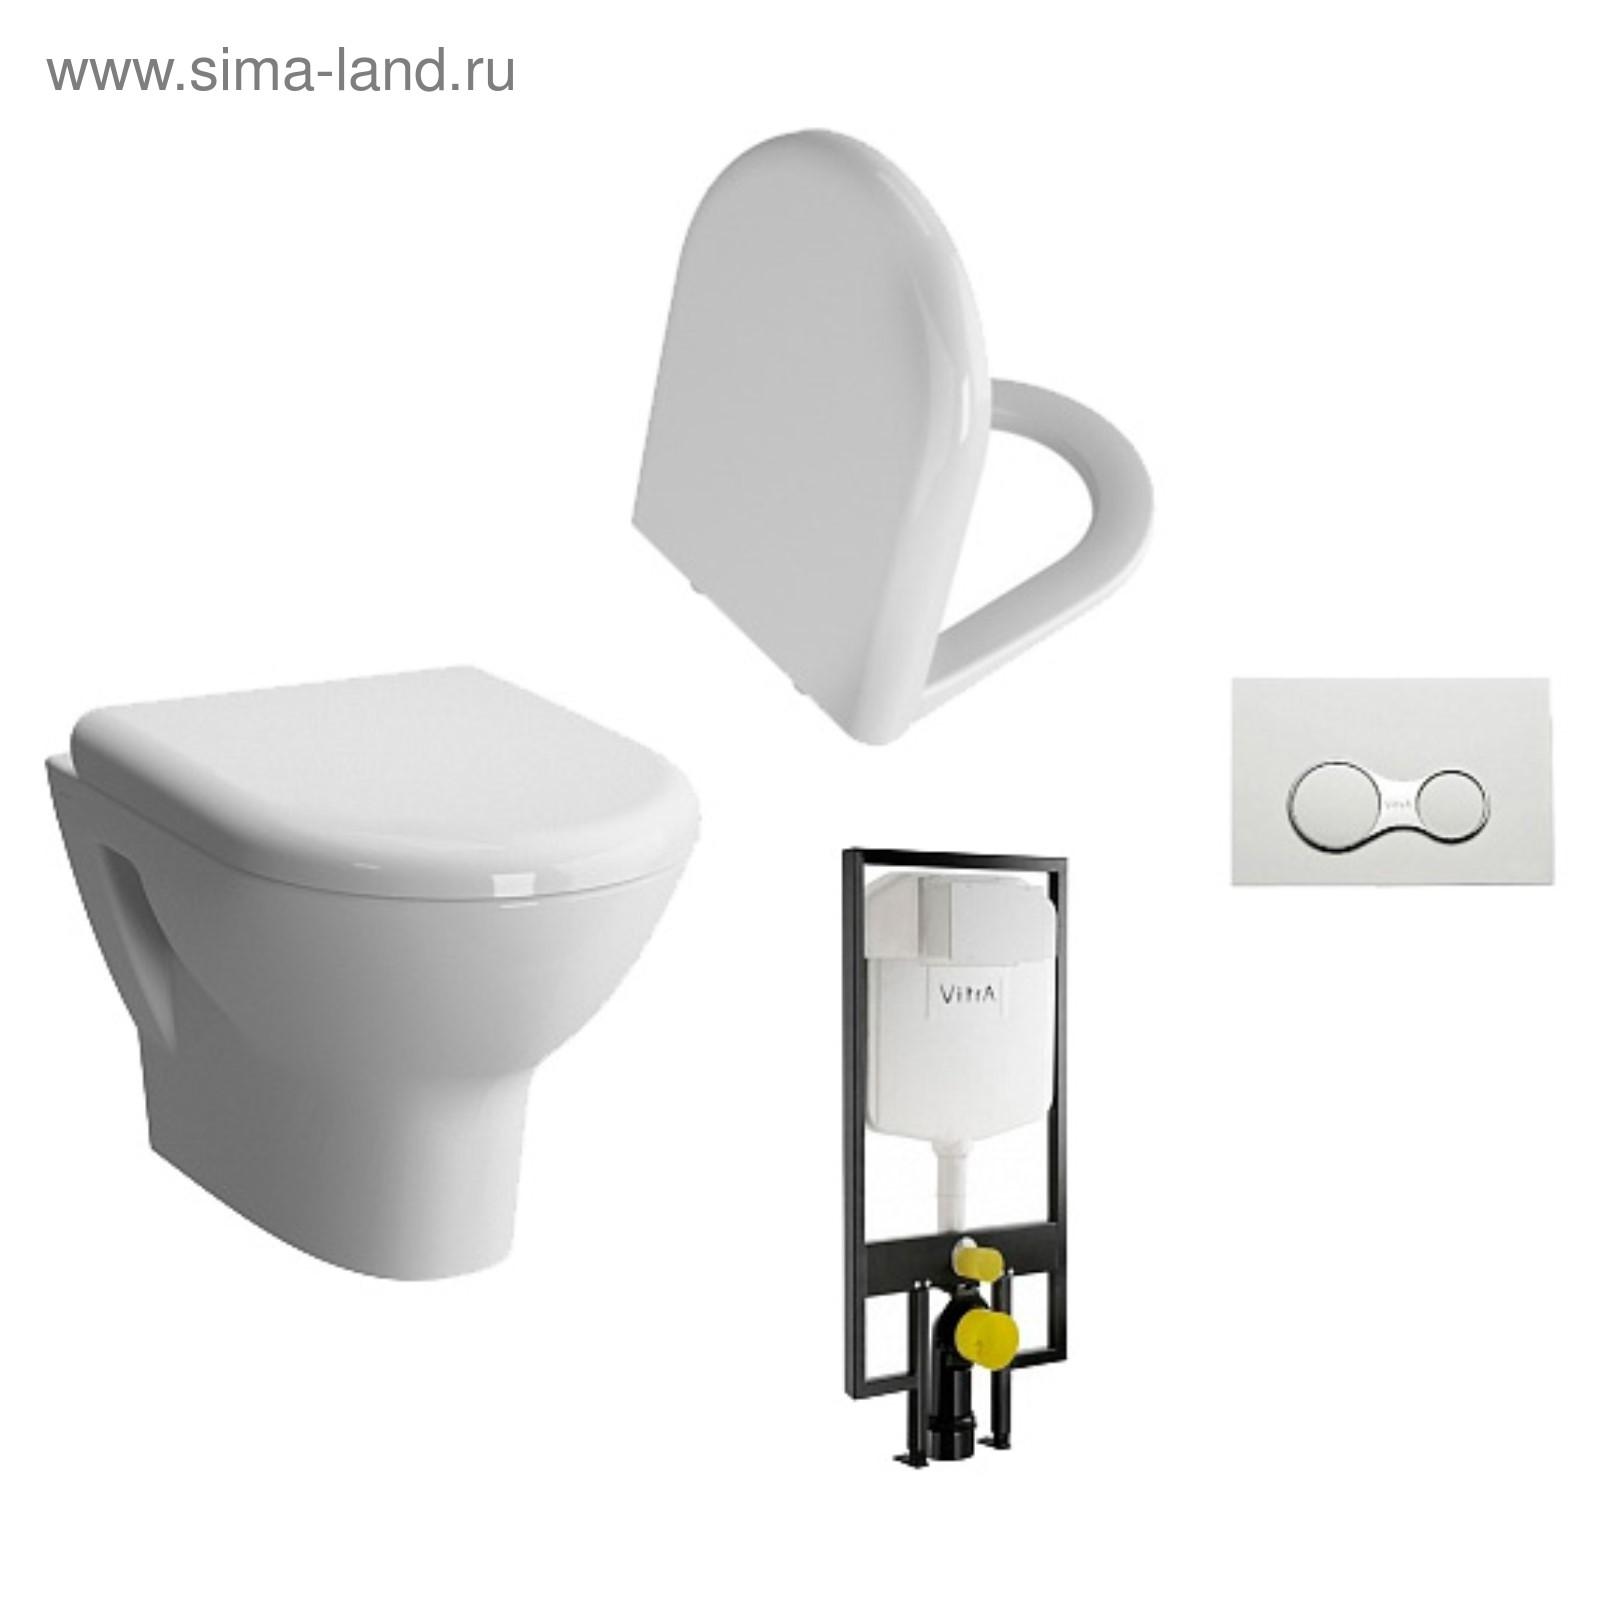 Комплект VitrA Zentrum подвесной унитаз с кнопкой смыва сантехника для кухни в красноярске